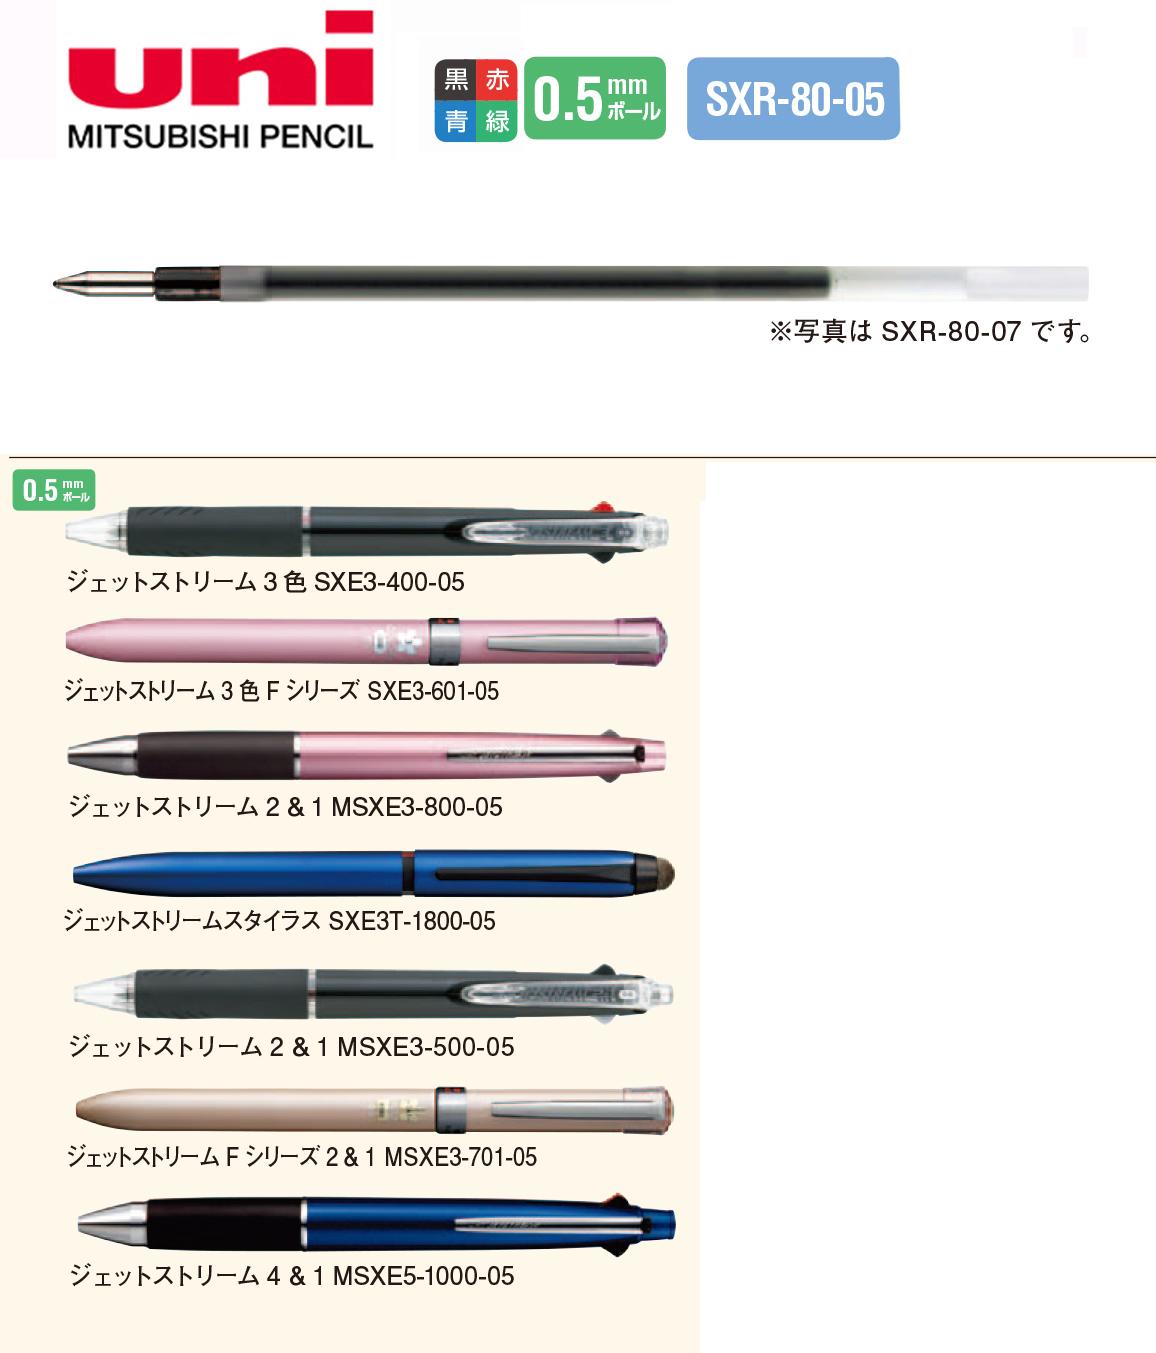 三菱 uni 筆芯SXR-80-05 有四色可選購 (紅色, 藍色, 黑色, 綠色)